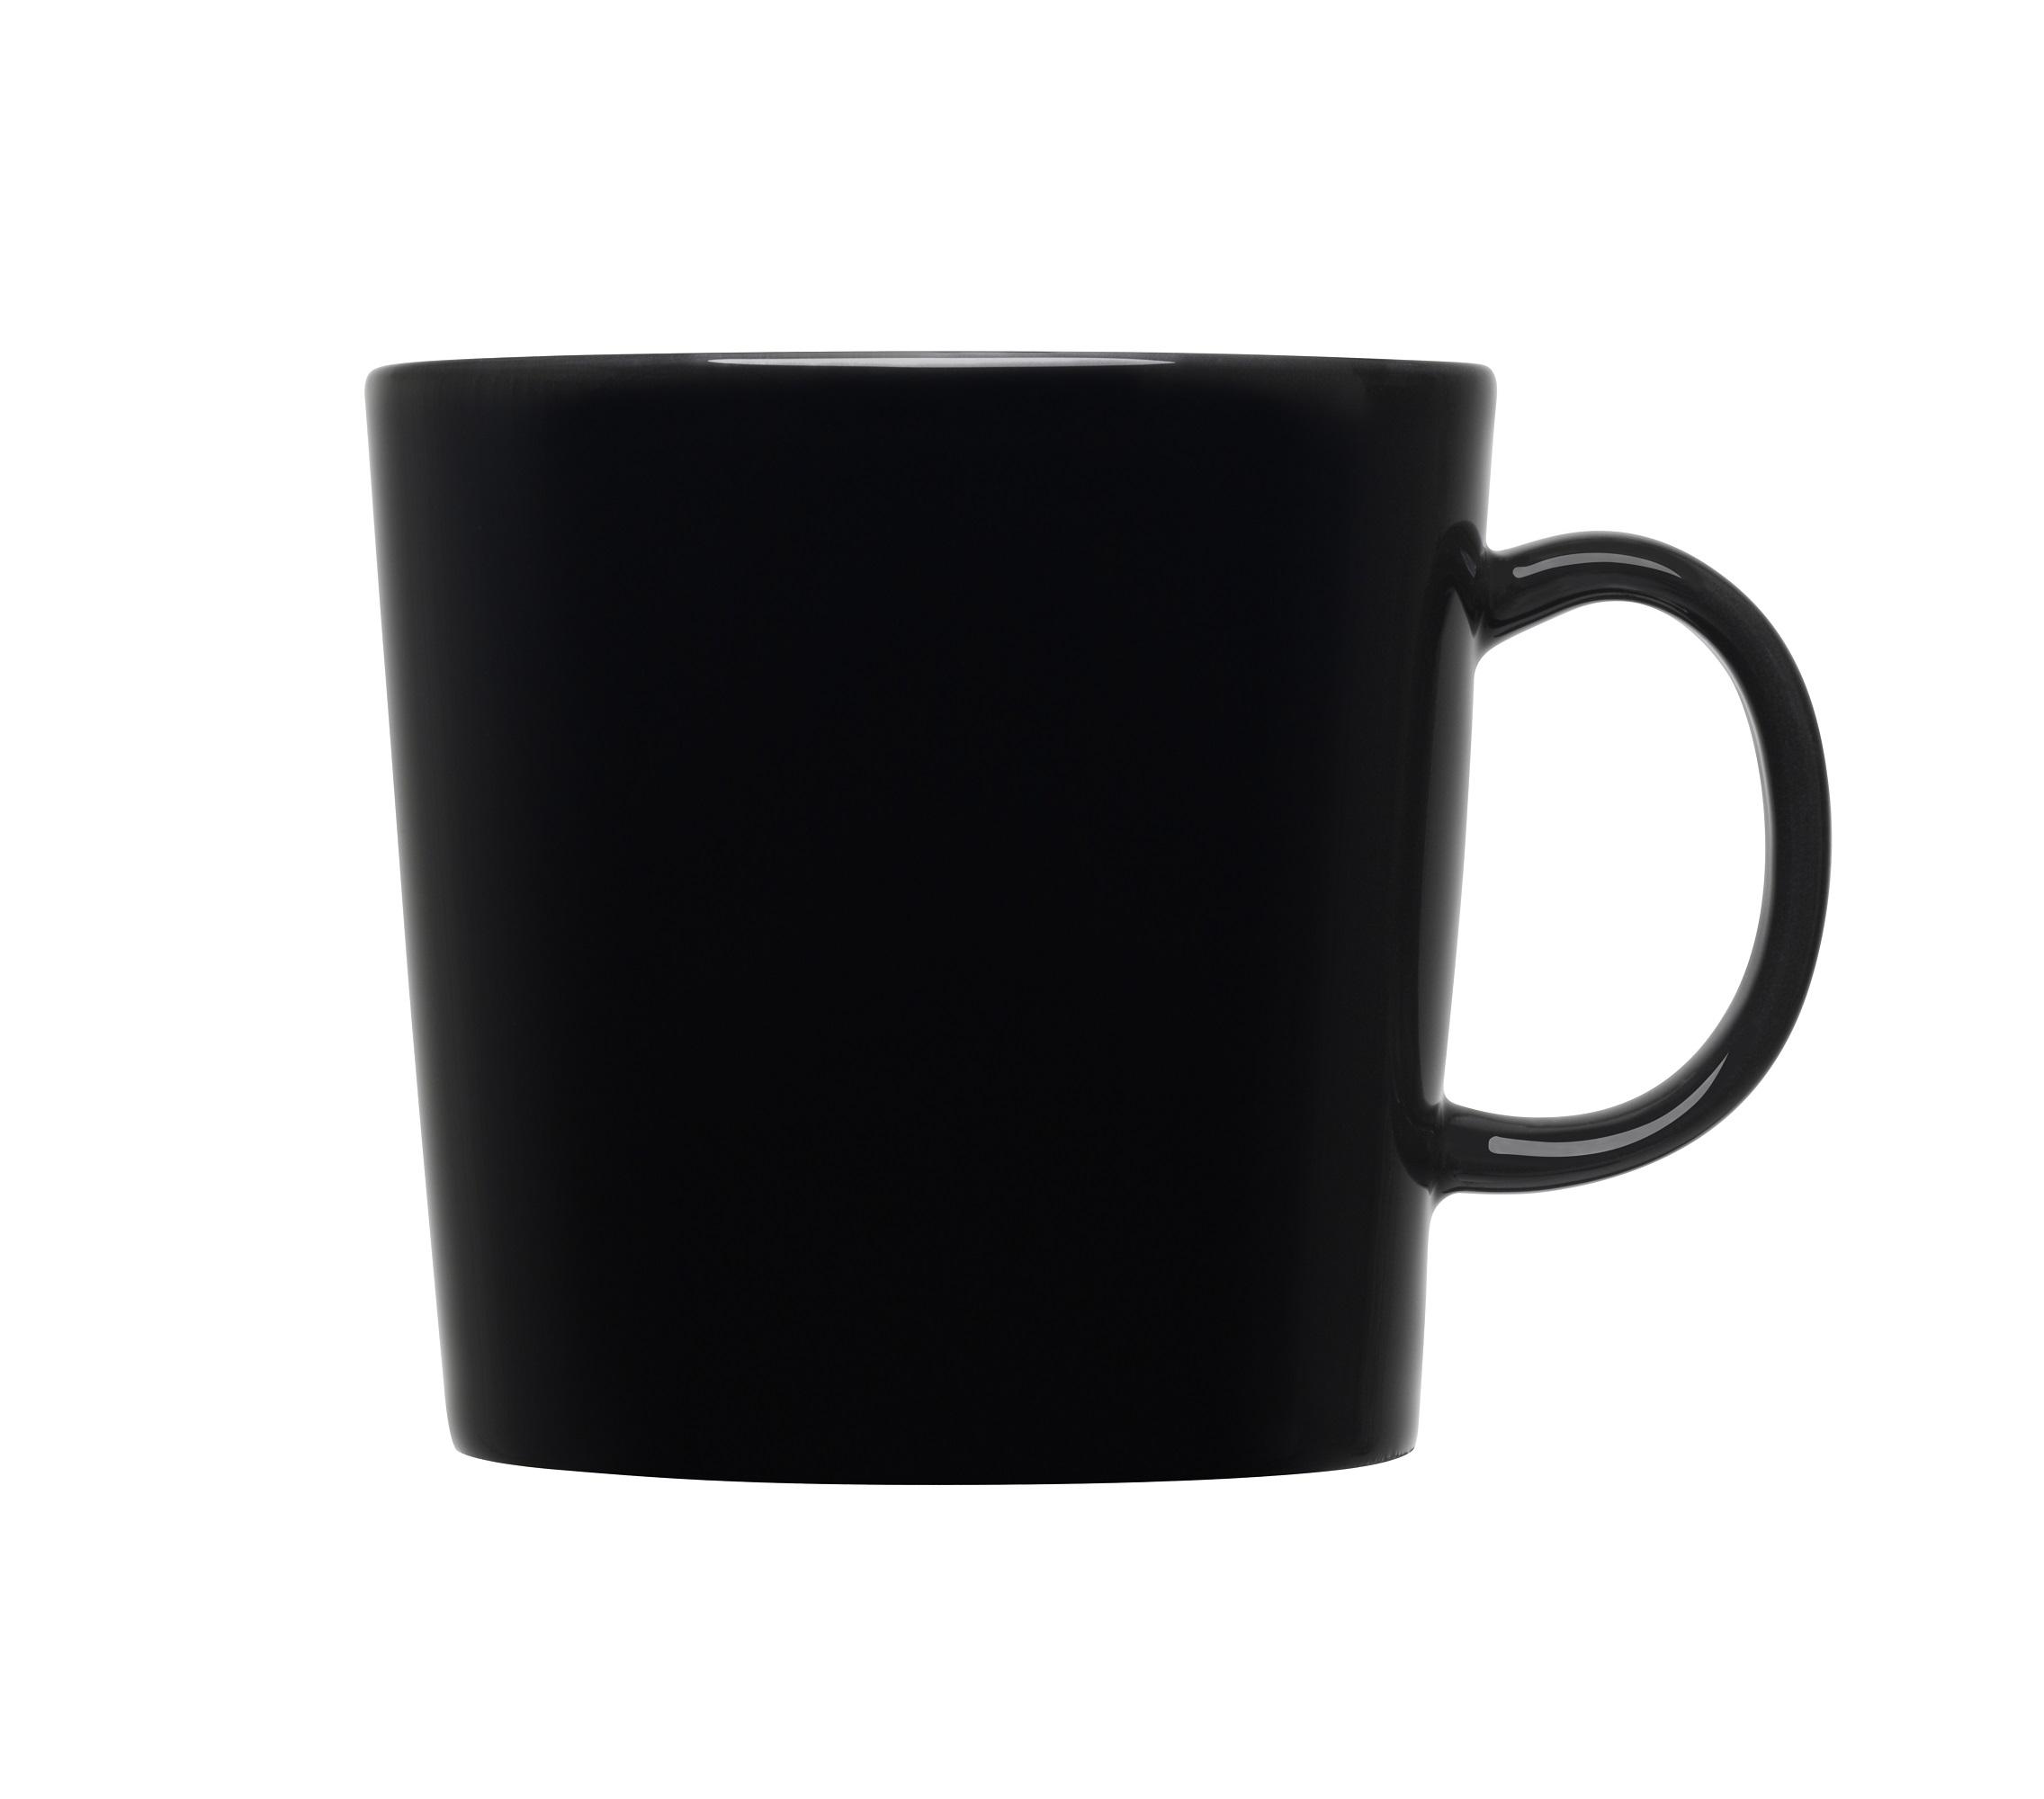 Кружка TeemaЧайные пары, чашки и кружки<br>Teema - это классика дизайна Iittala, каждый продукт имеет чёткие геометрические формы: круг, квадрат и прямоугольник. Как говорит Кай Франк: «Цвет является единственным украшением». Посуда серии Teema является универсальной, её можно комбинировать с любой серией Iittala. Она практична и лаконична.<br><br>Material: Фарфор<br>Length см: None<br>Width см: 12<br>Depth см: 9<br>Height см: 8<br>Diameter см: None